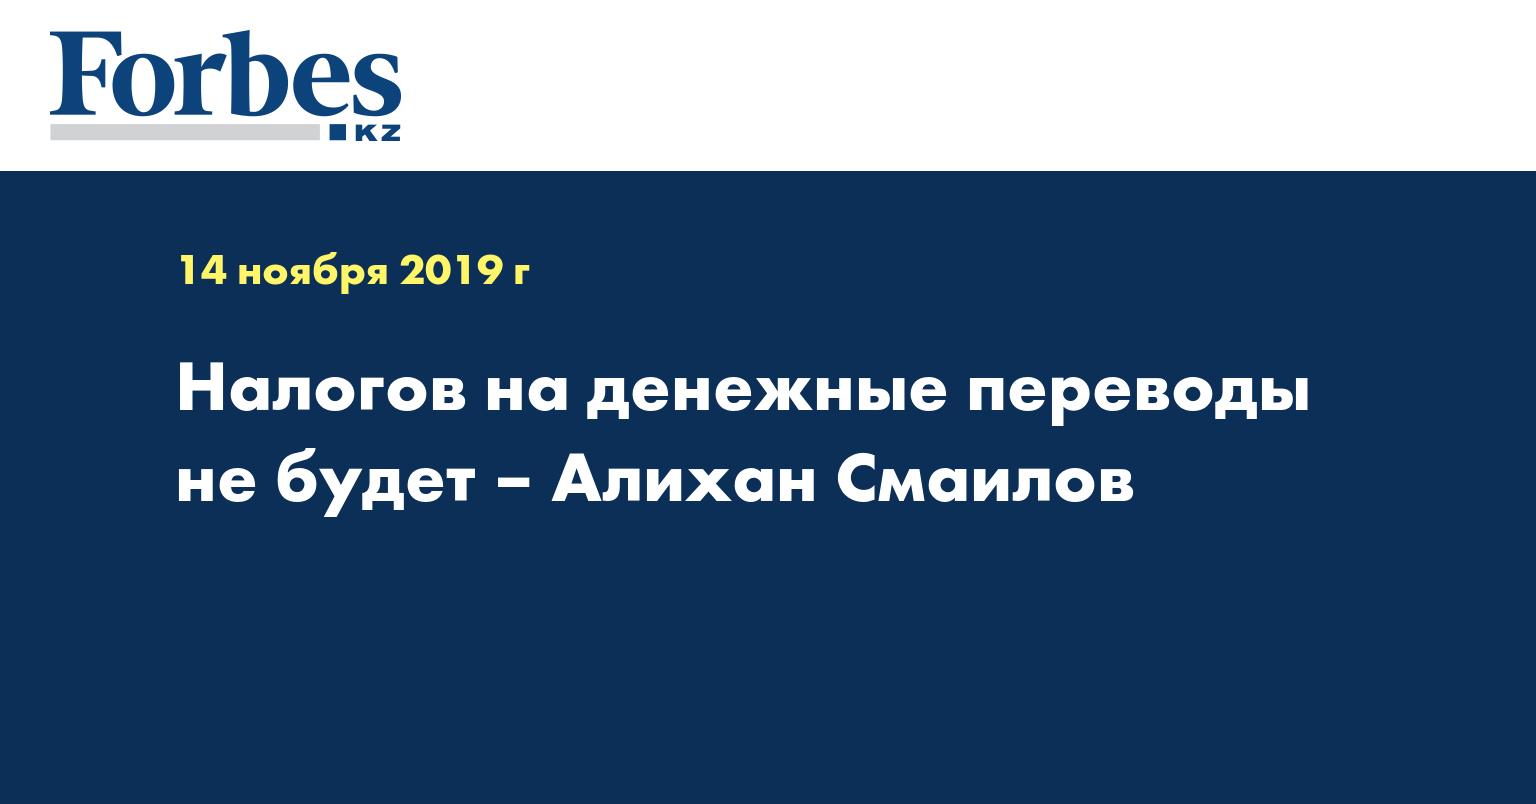 Налогов на денежные переводы не будет – Алихан Смаилов